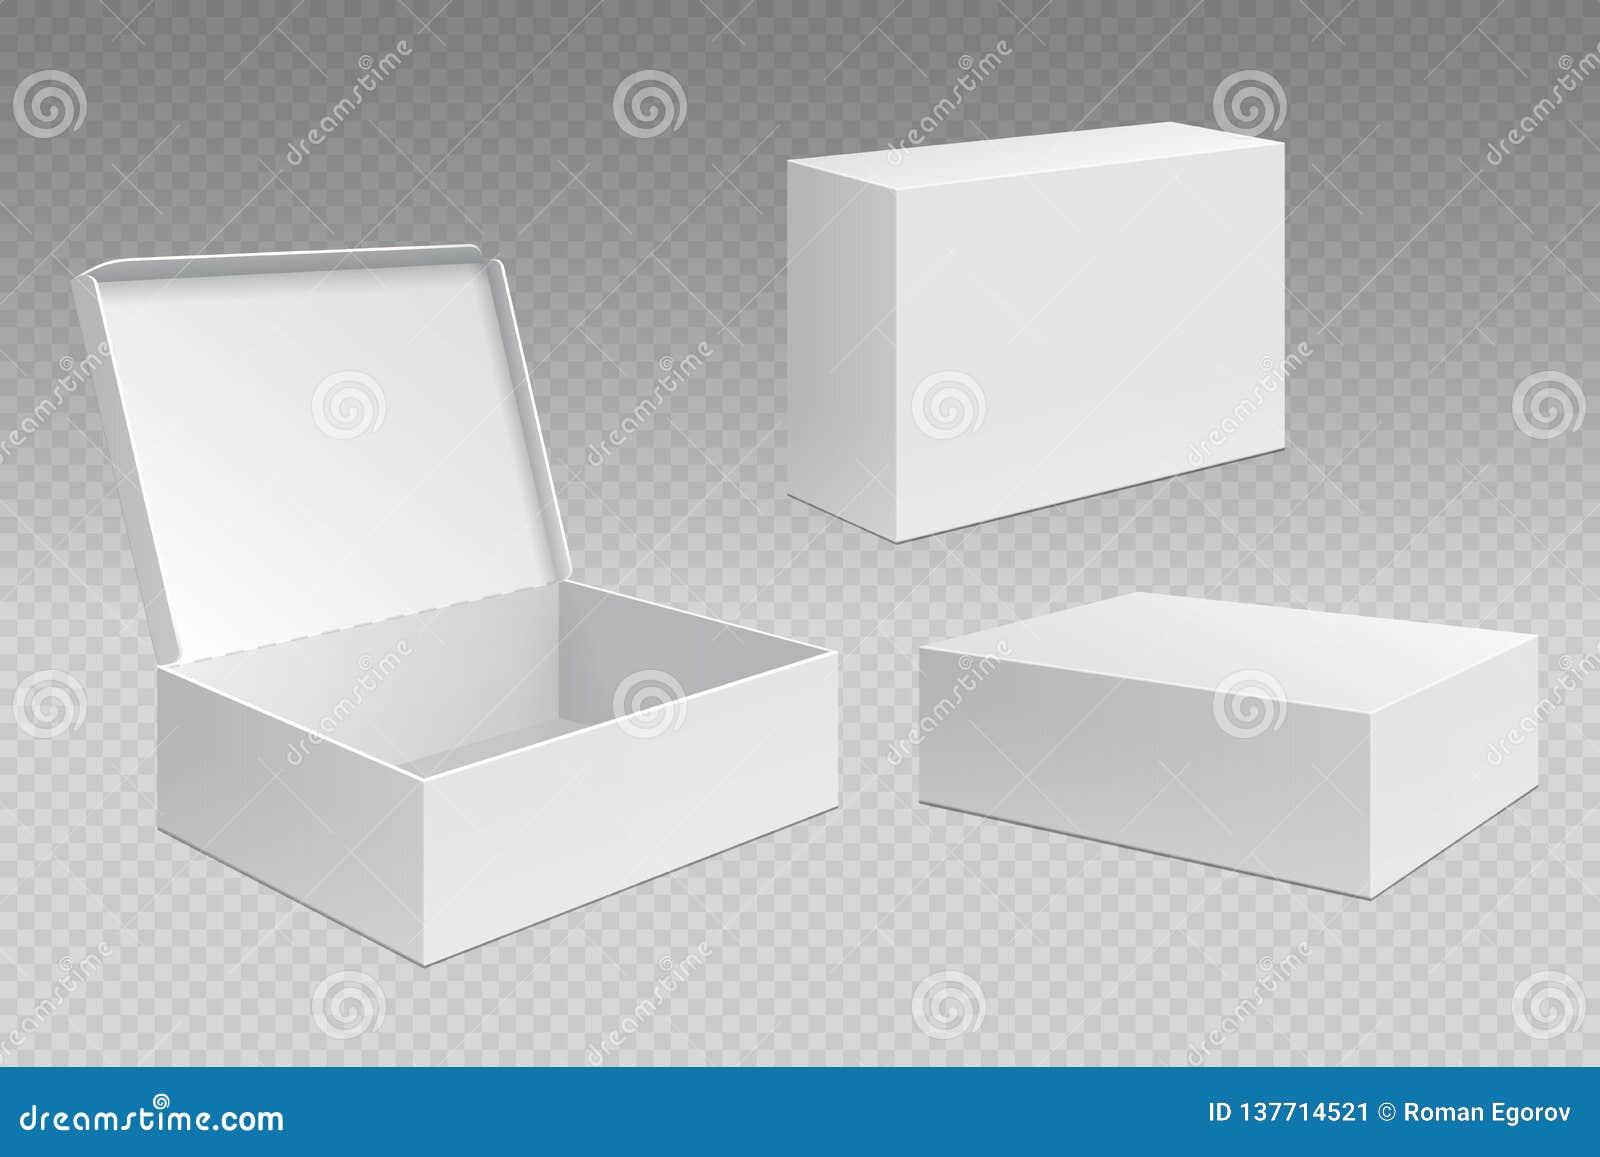 E Weißes offenes Kartonetui, Werbeartikel des freien Raumes verspotten oben Quadratischer Behälter des Kartons